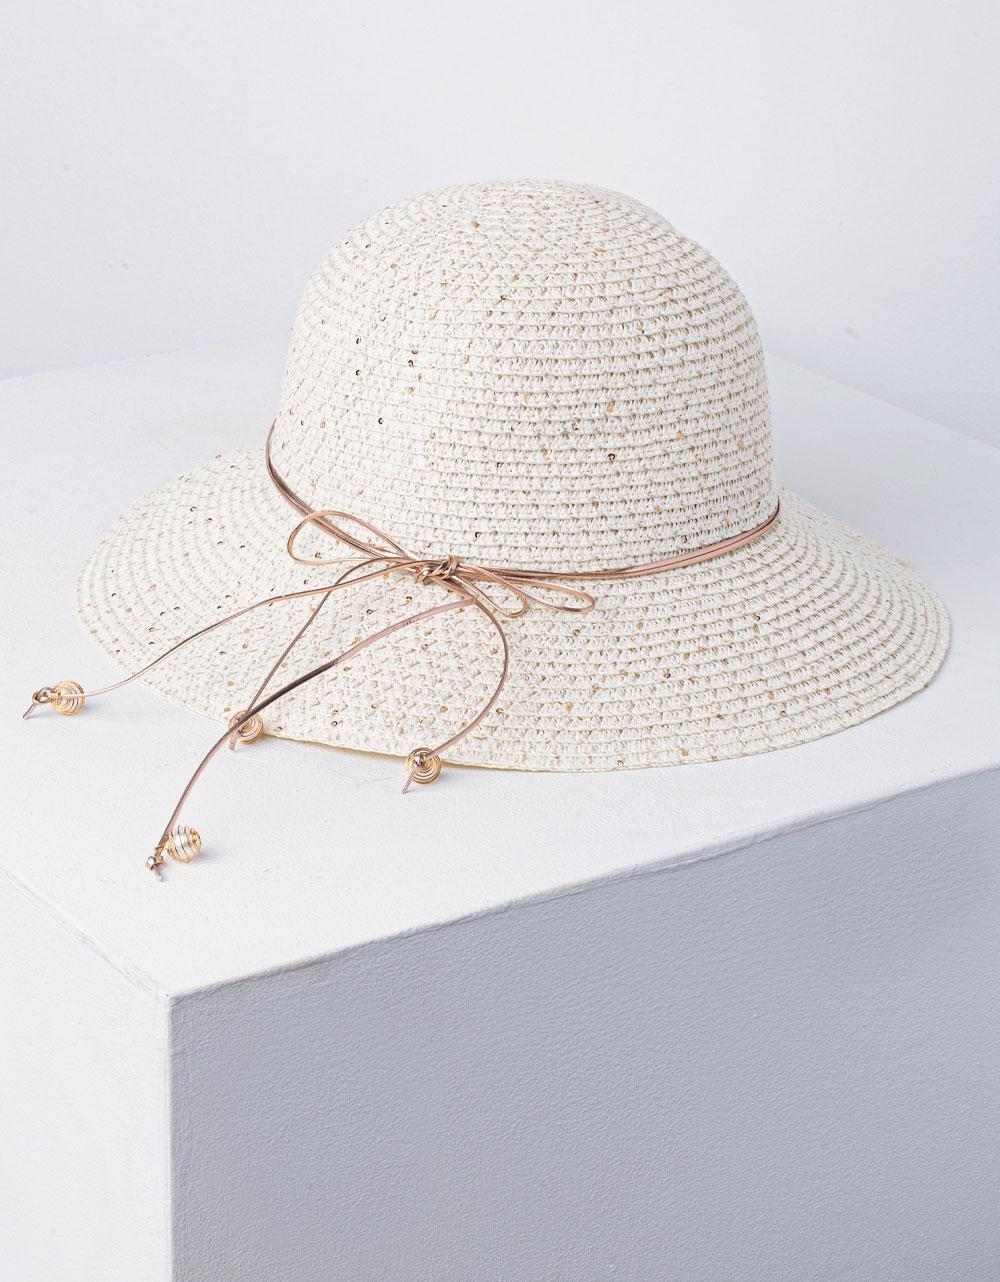 Εικόνα από Γυναικείο καπέλο ψάθινο με διακοσμητικές πέρλες στο κορδόνι Λευκό